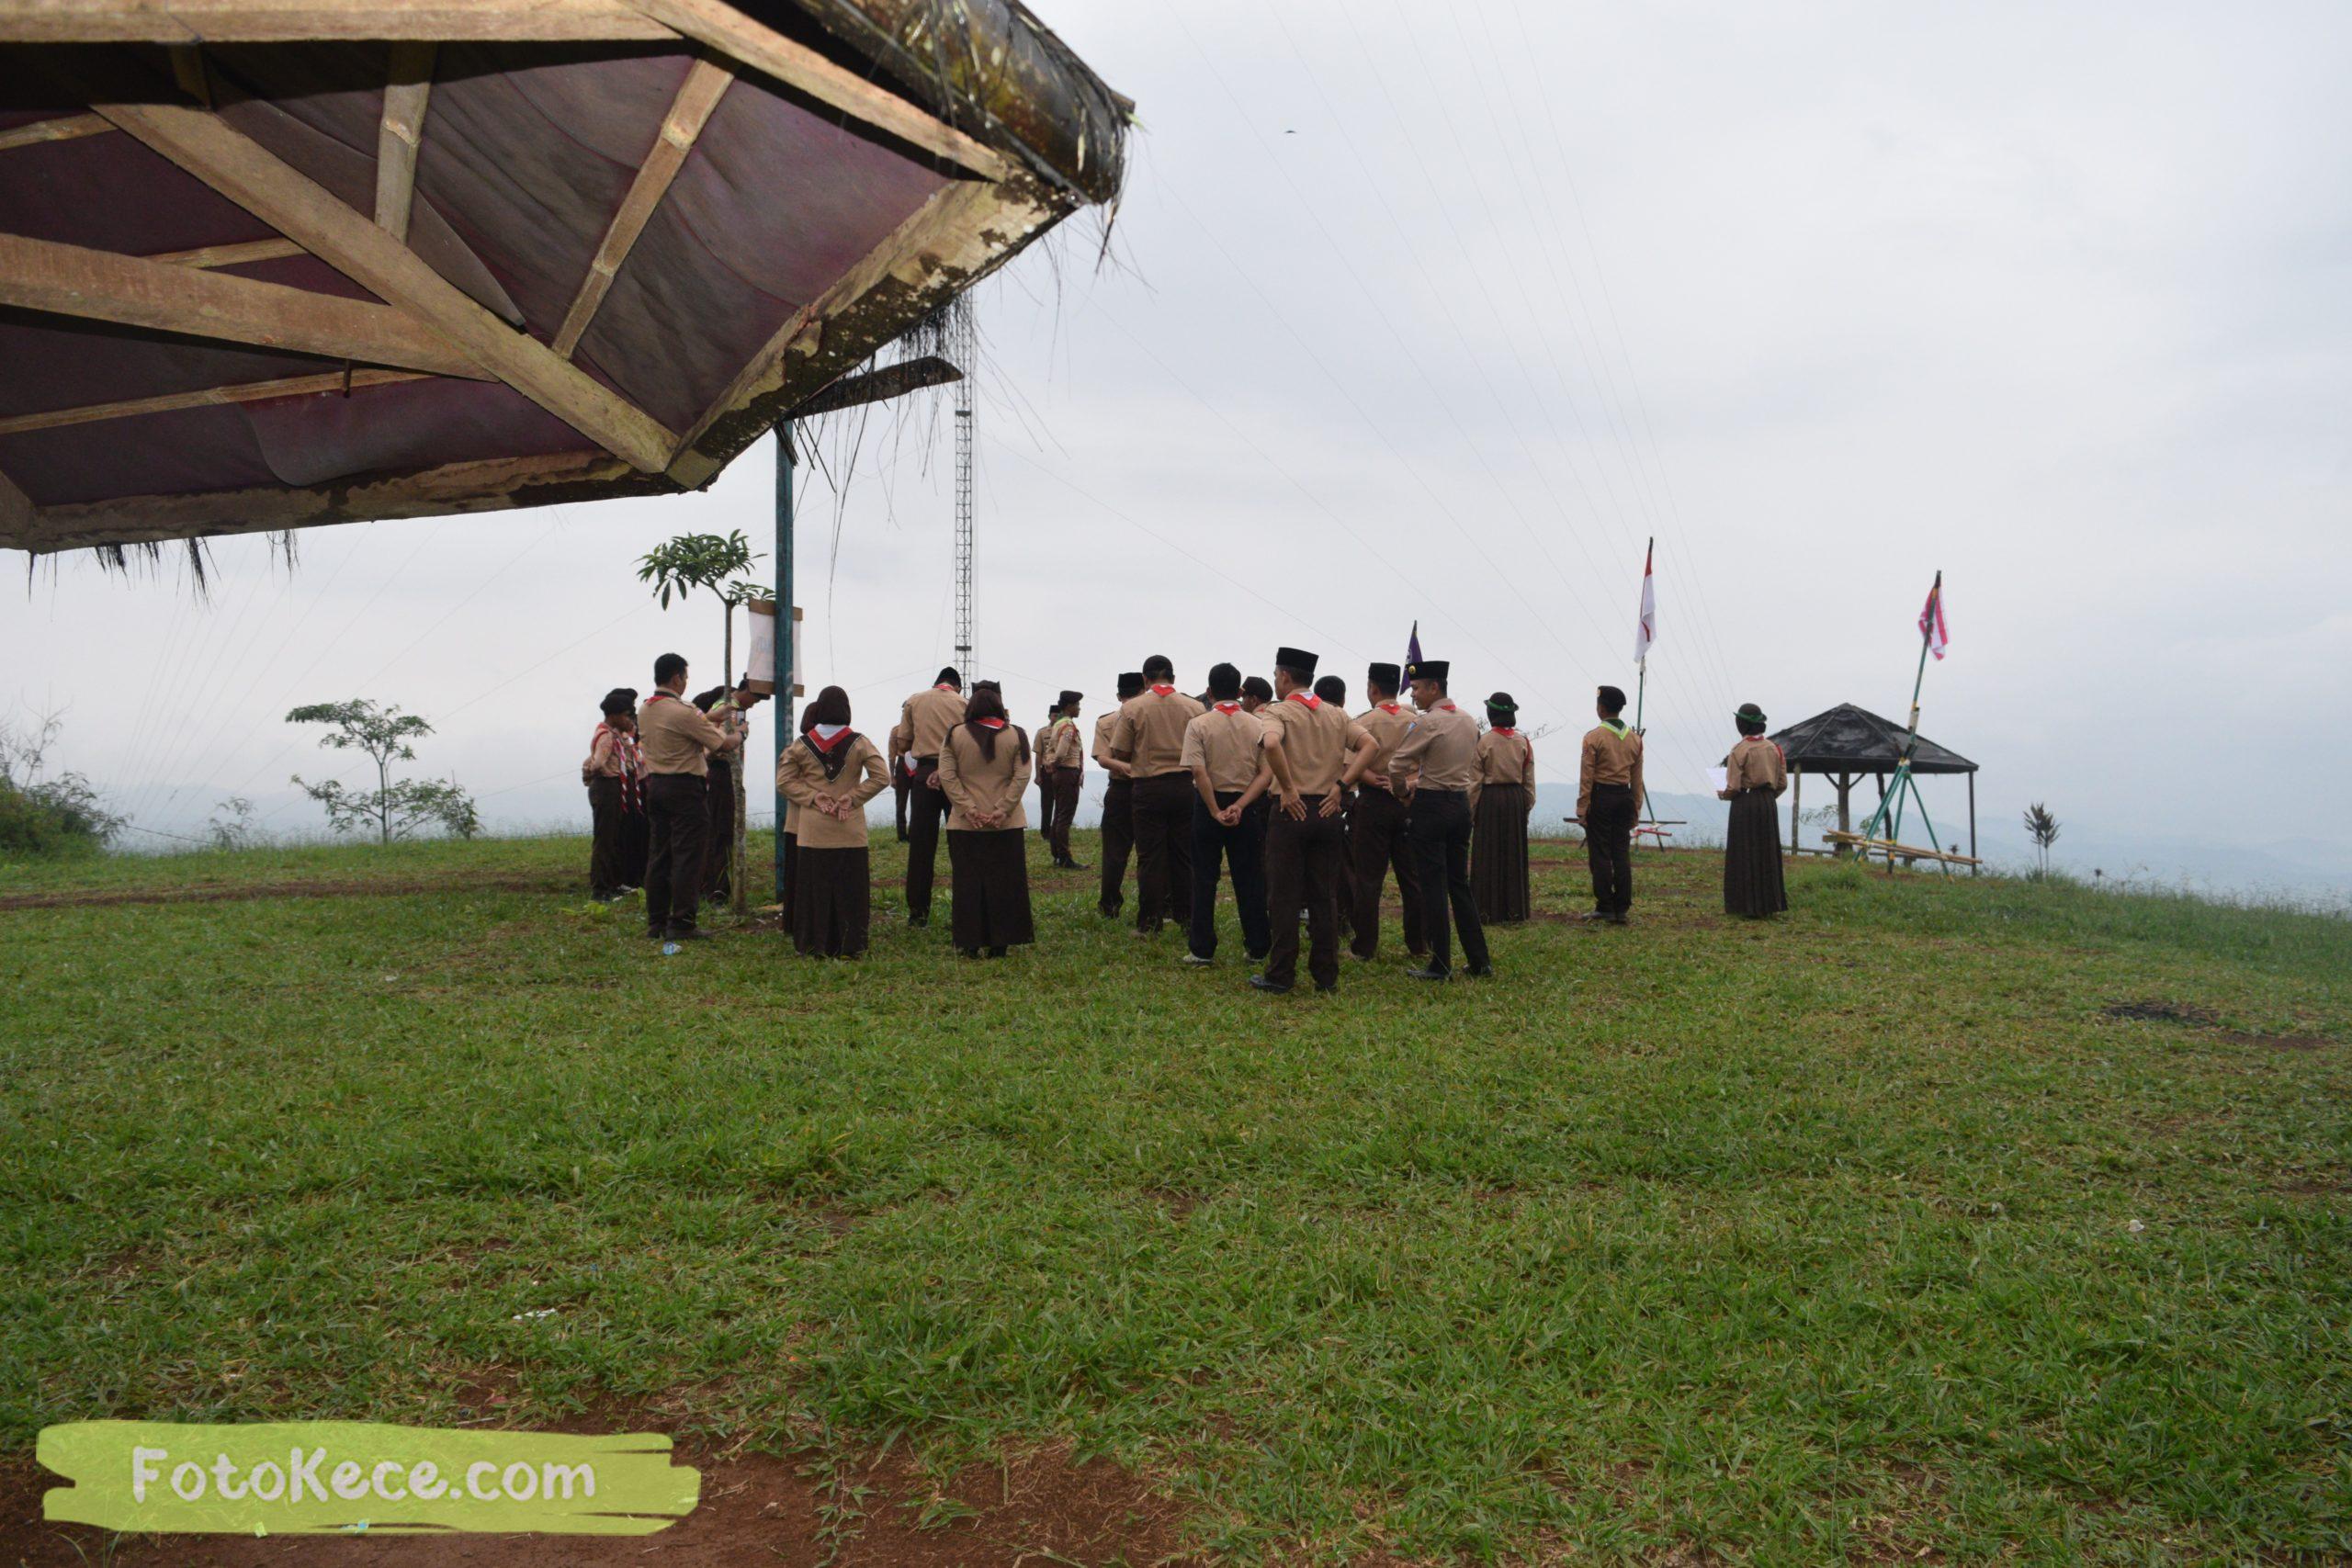 pembukaan perkemahan narakarya 1 mtsn 2 sukabumi 24 25 januari 2020 pramuka hebat wisata alam puncak buluh jampangkulon 39 scaled